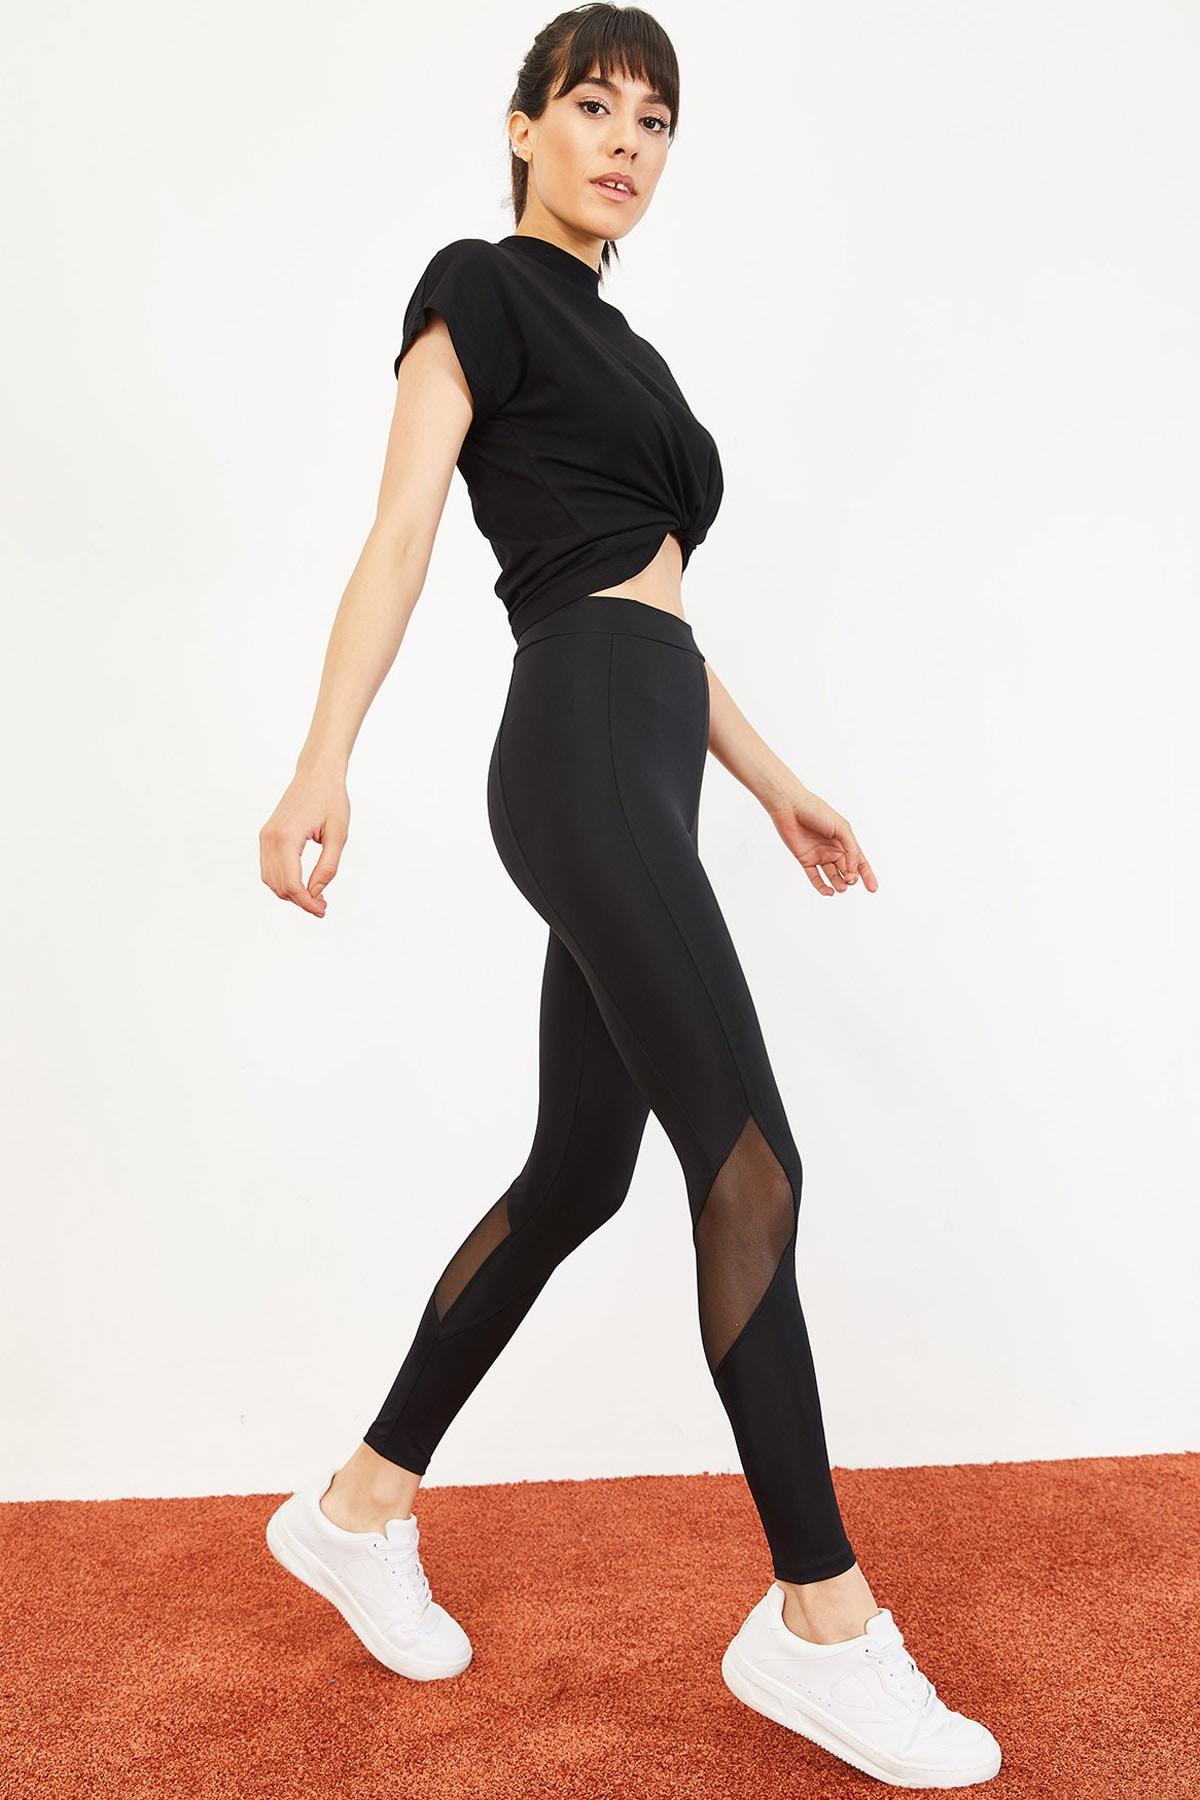 Bianco Lucci Kadın Çımalı Transparan Detay Spor Tayt Siyah 10051055